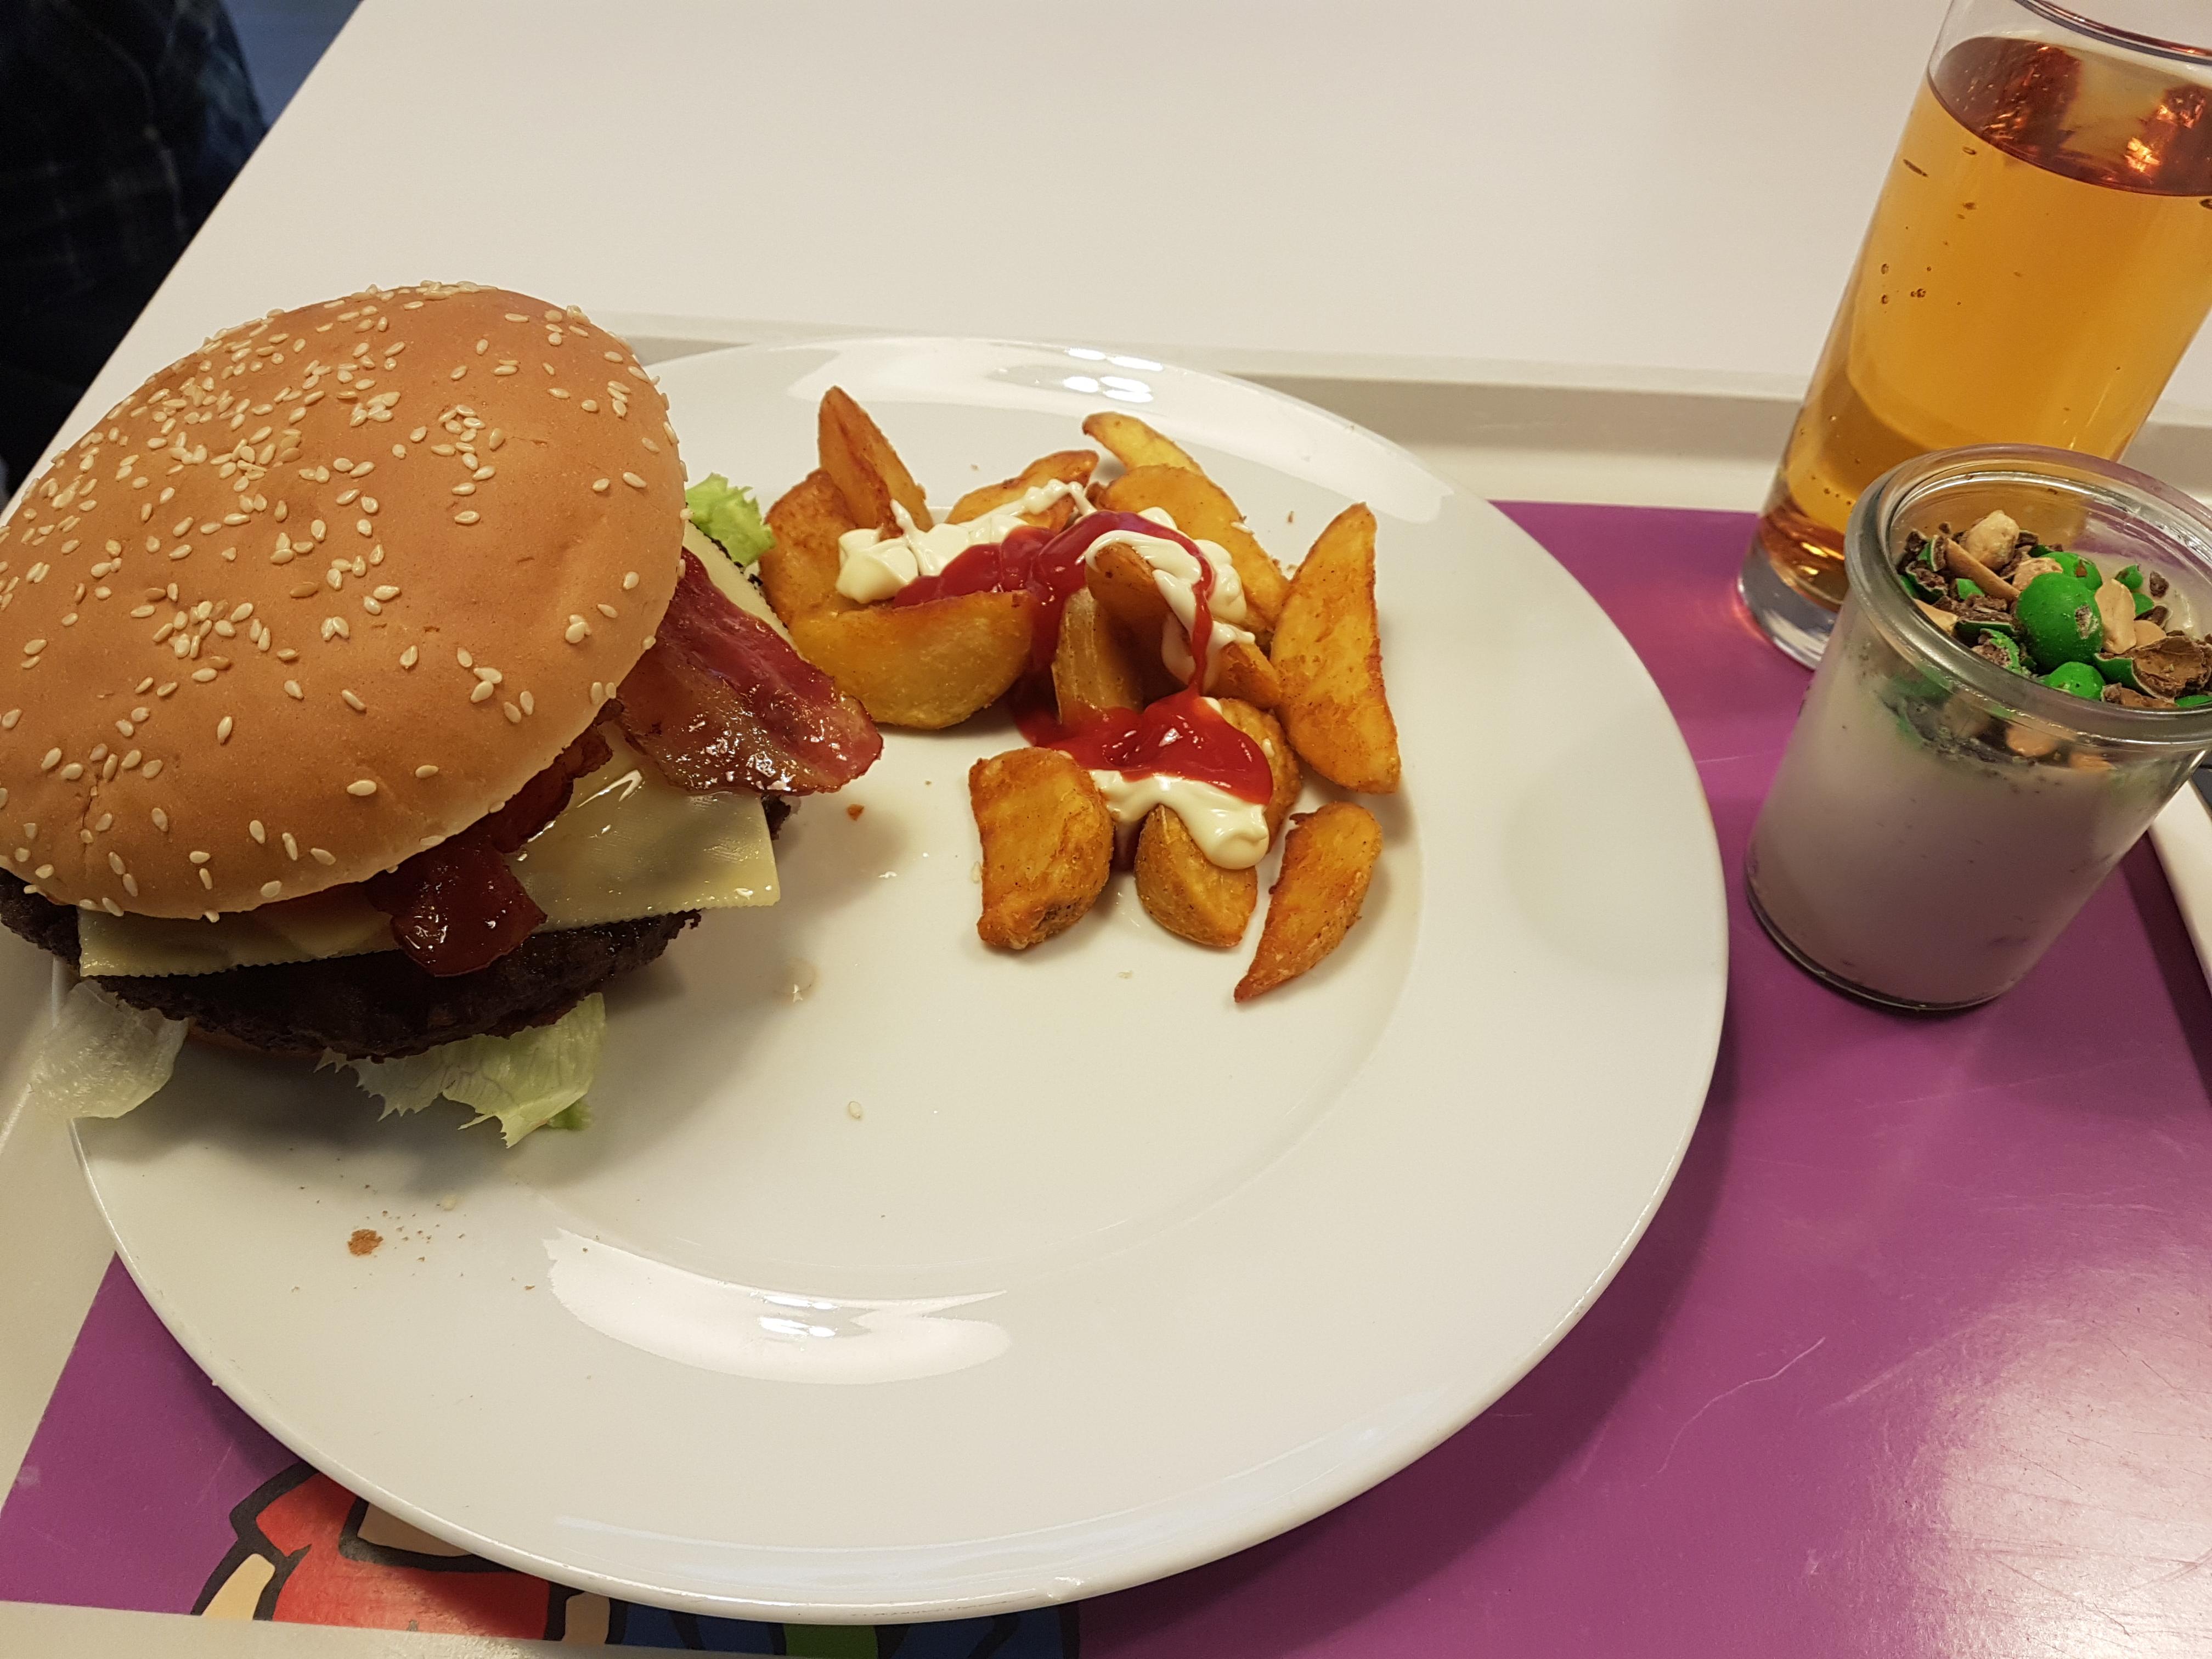 https://foodloader.net/Holz_2018-11-12_Burger.jpg